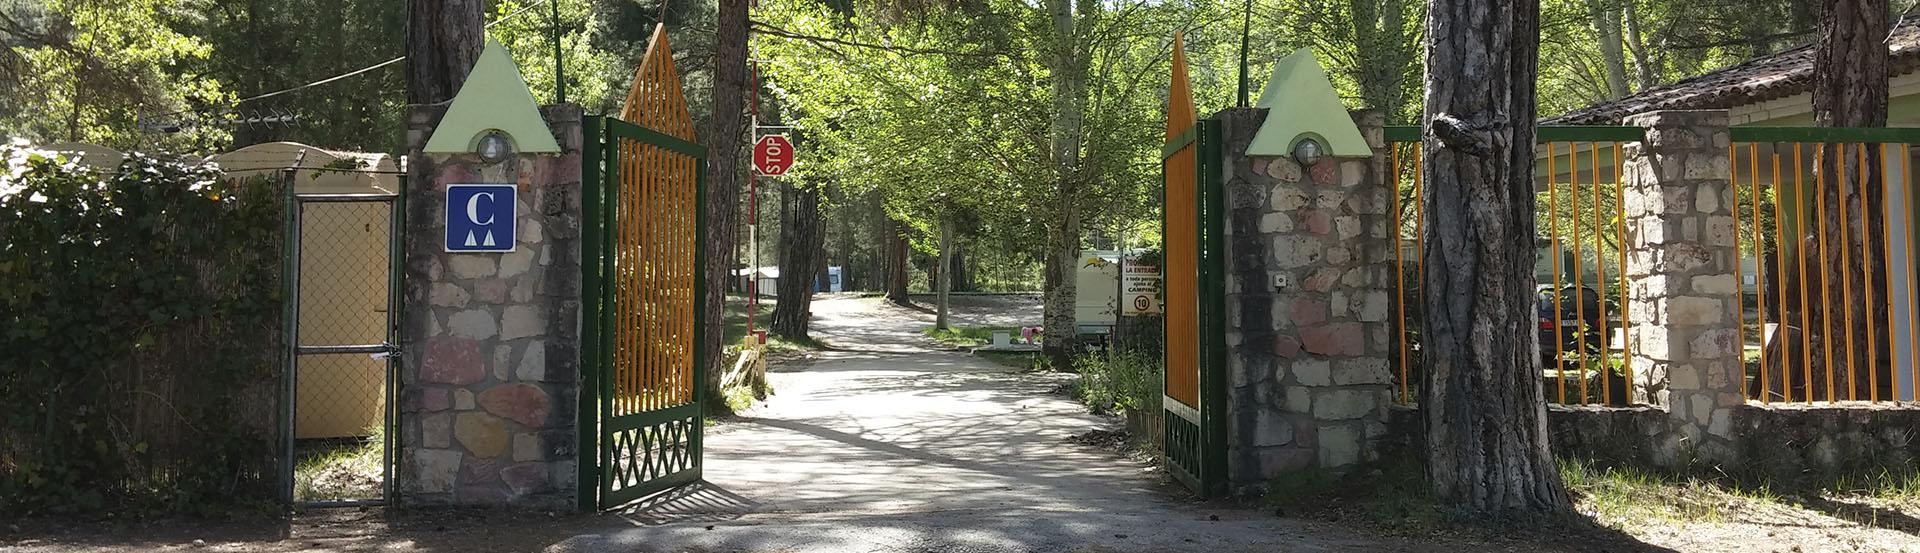 entrada-camping-ladehesa-cañamares